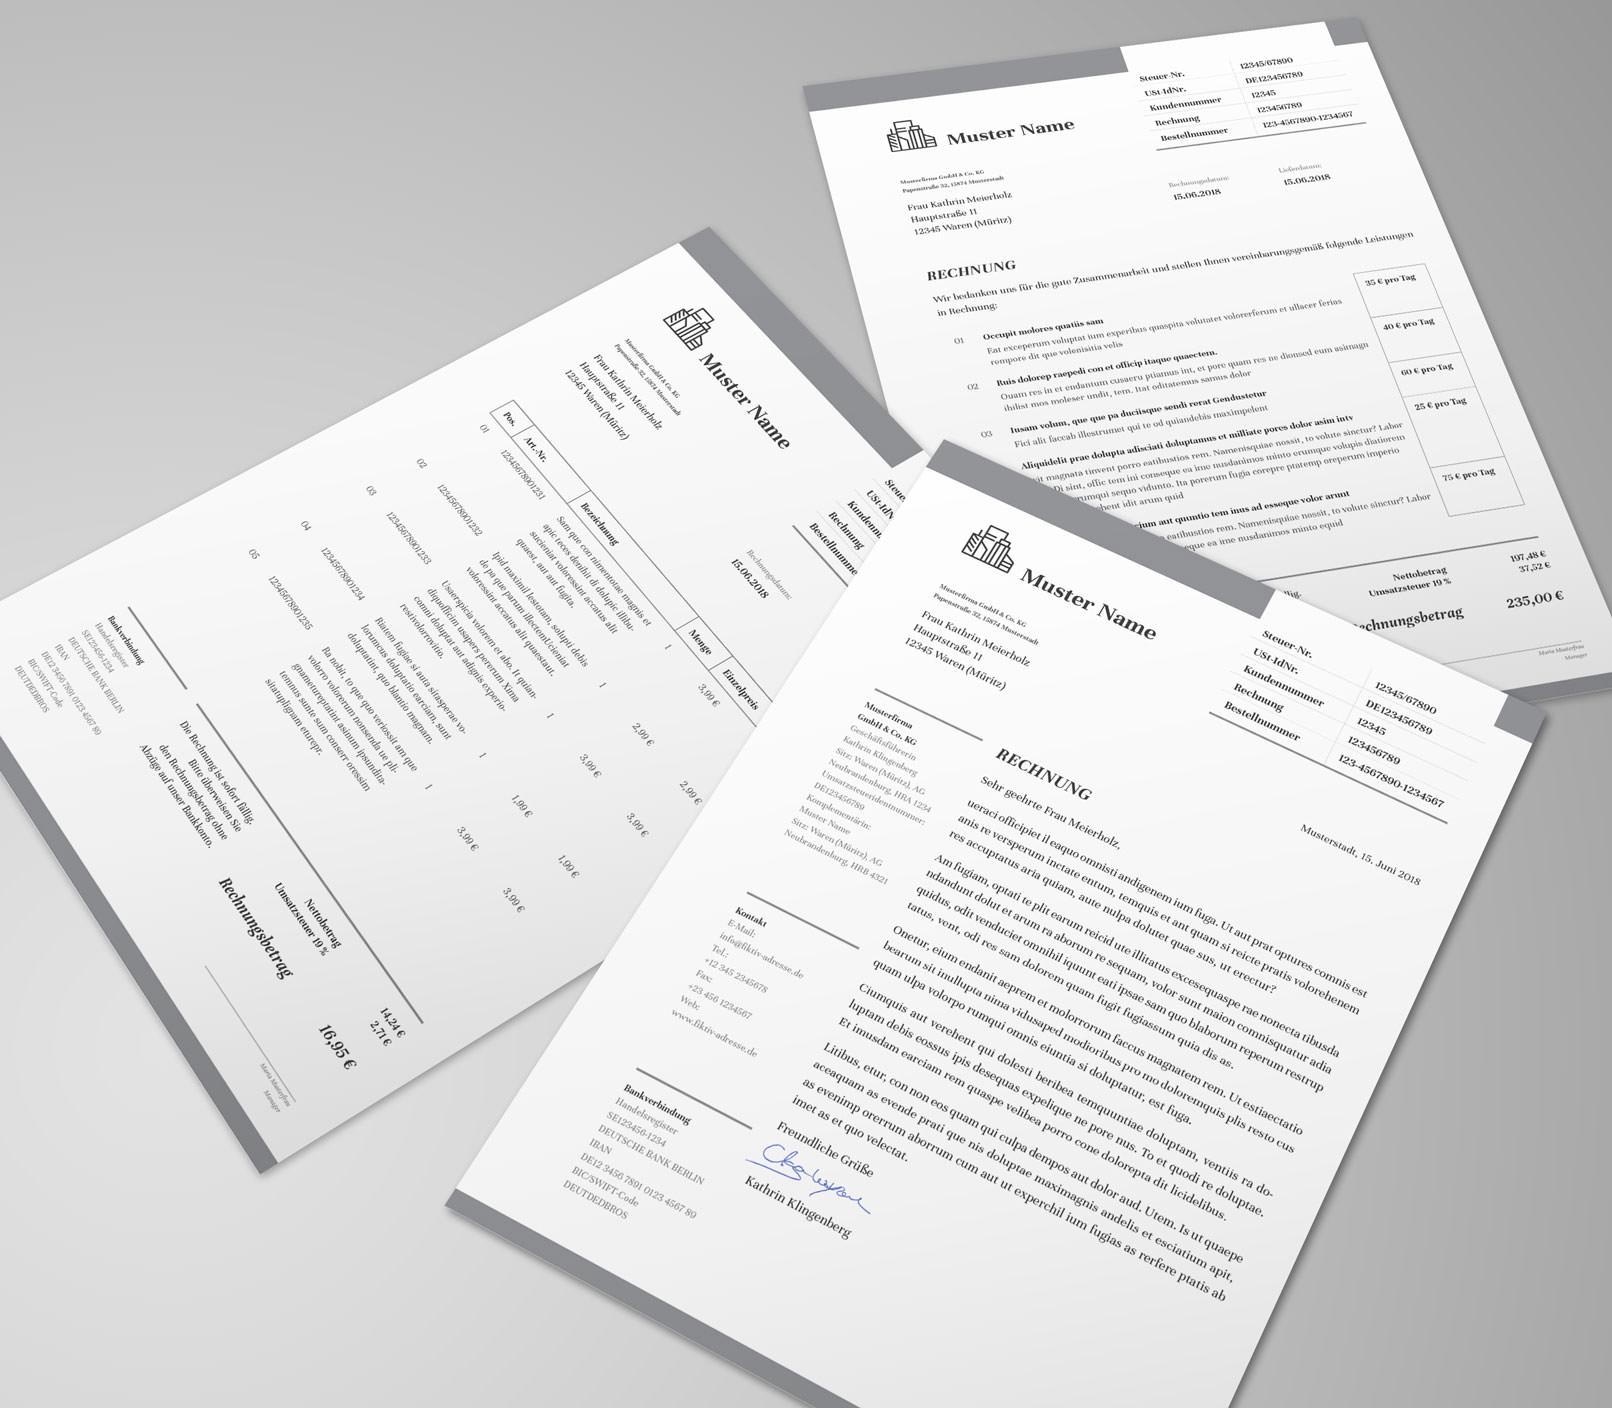 Rechnungsvorlage, Angebot und Lieferschein in Grau